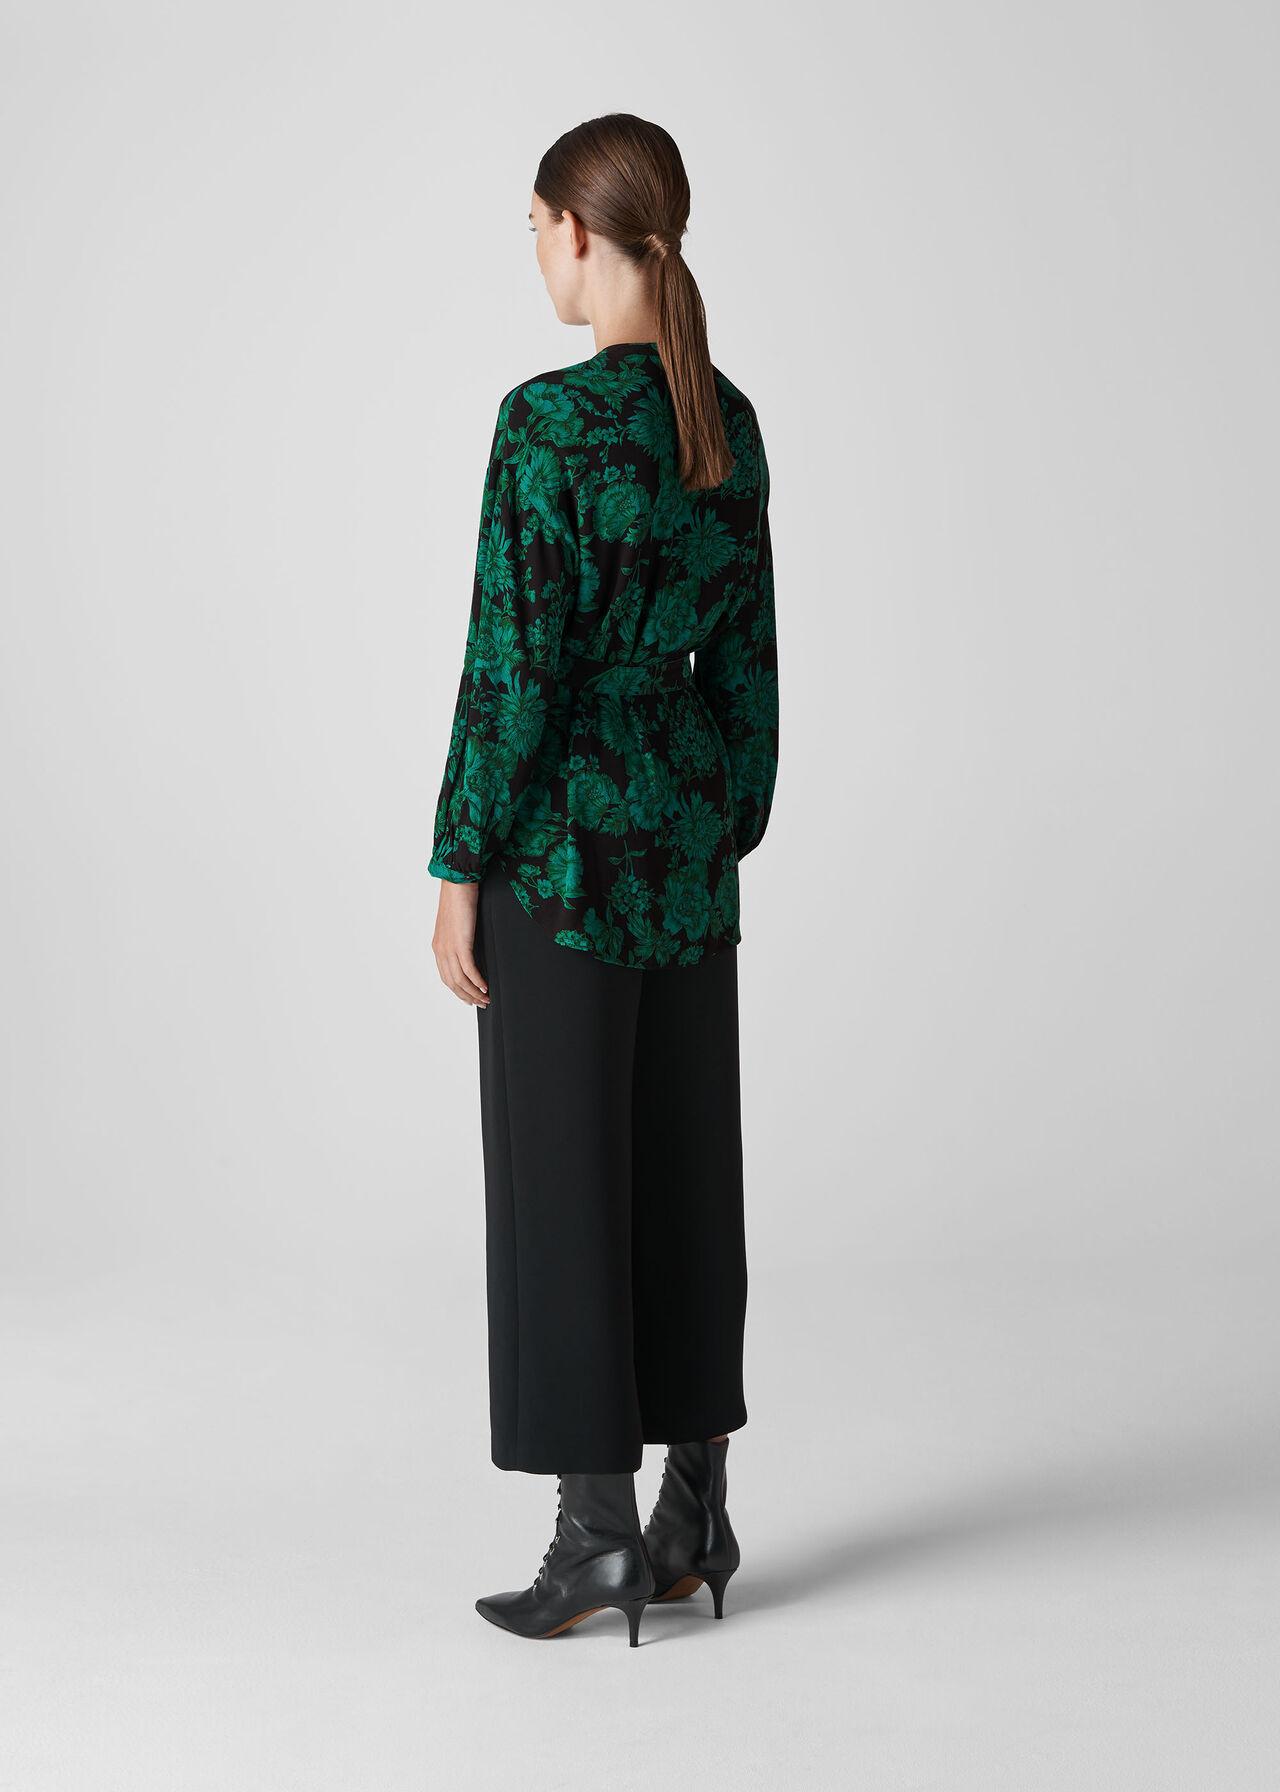 Tunic Top Green/Multi